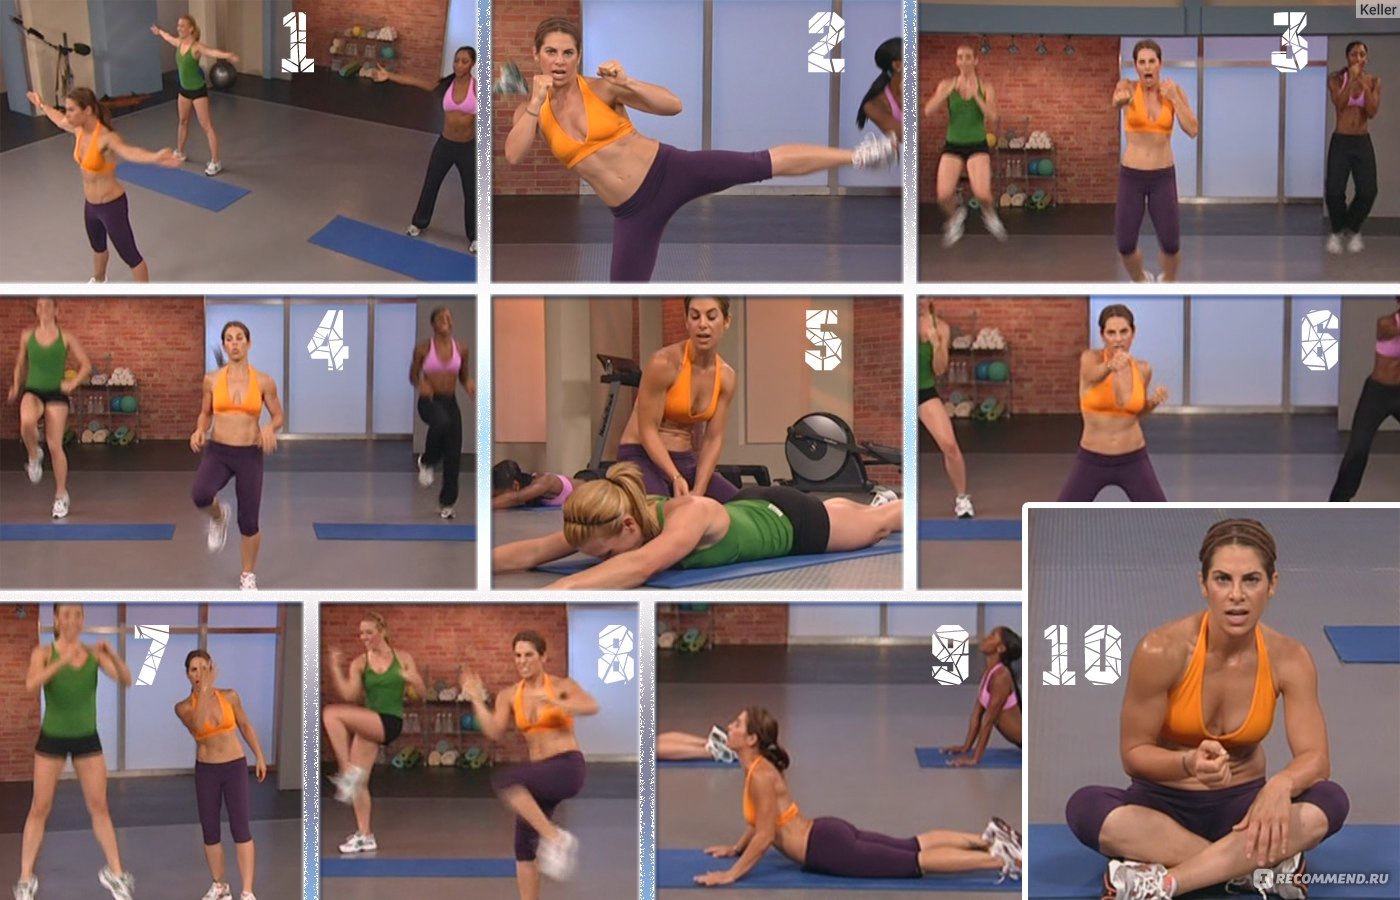 Похудение с джиллиан майклс за 30 дней - уровни тренировок для стройной фигуры, видео